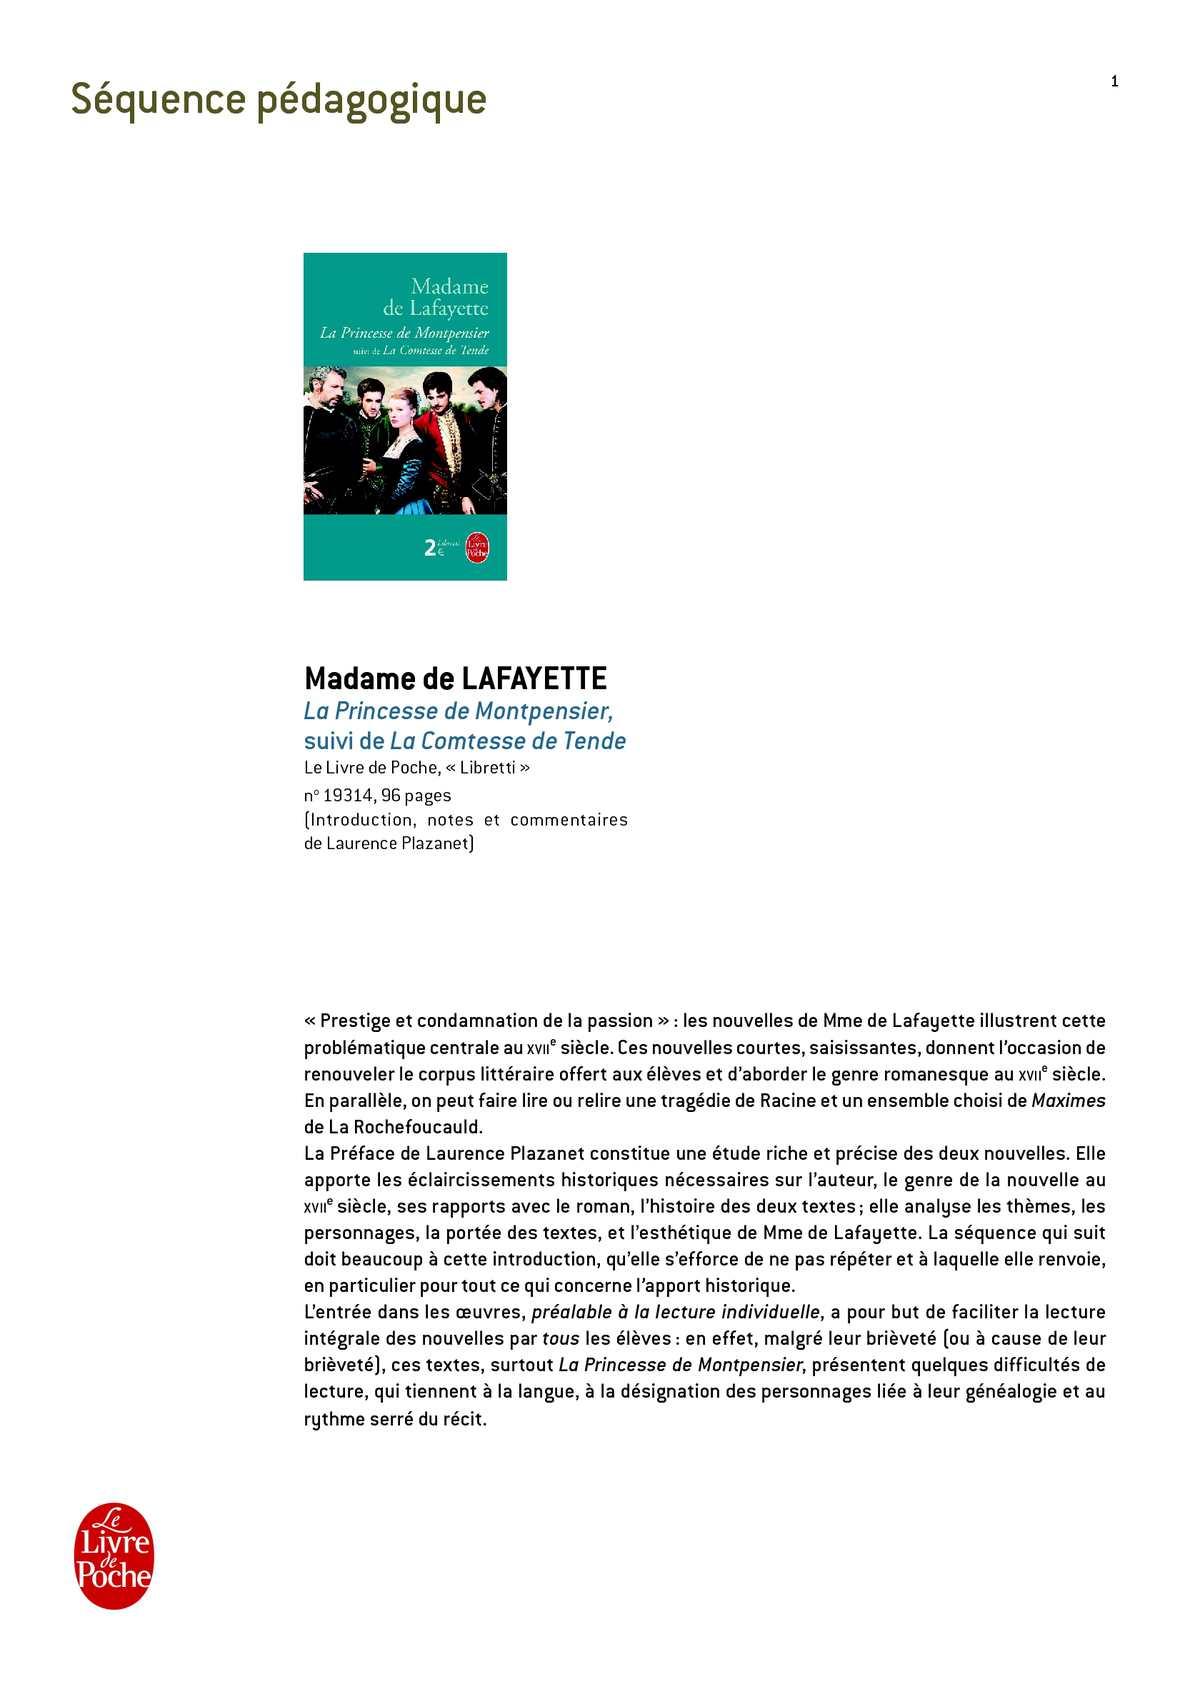 Fiche pédagogique Princesse de Montpensier (La), Madame de La Fayette